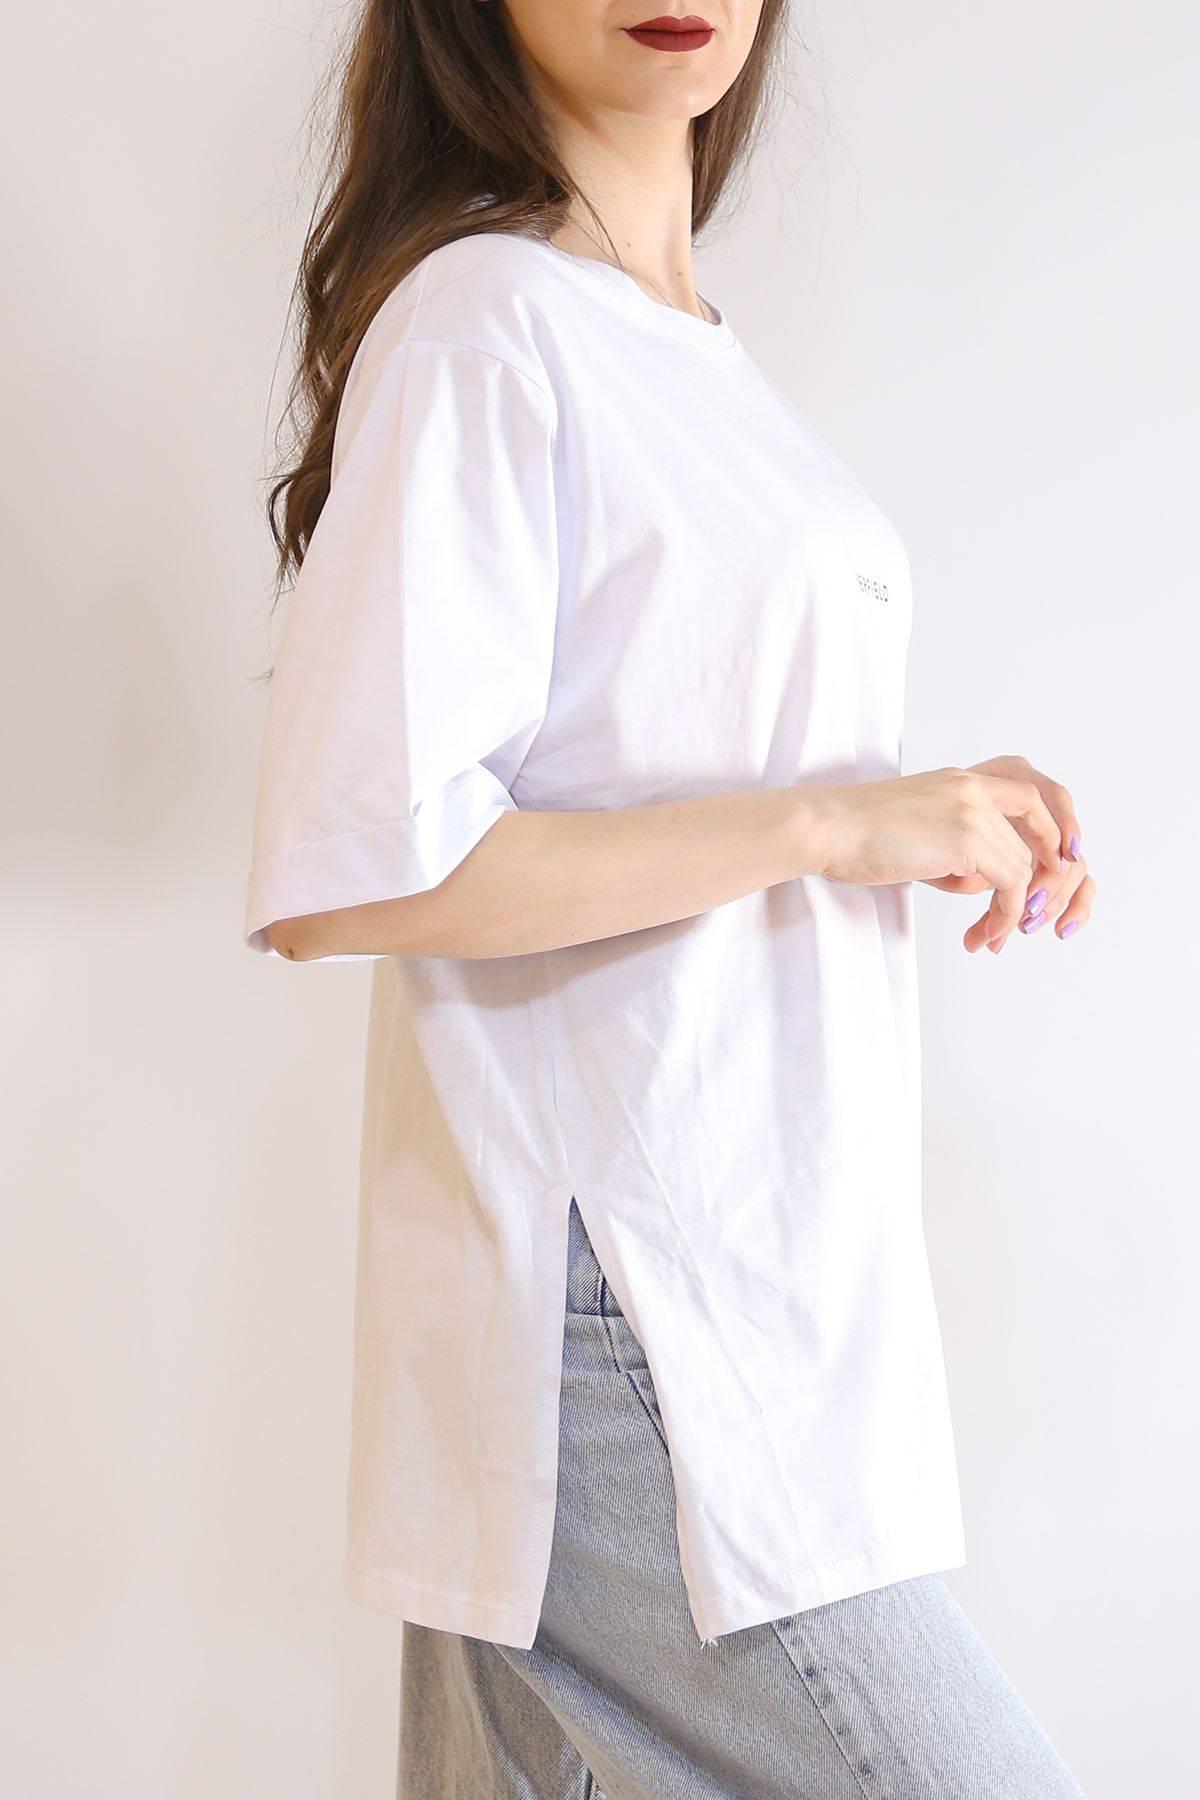 Baskılı Yırtmaçlı Tişört Beyaz - 3151.105.